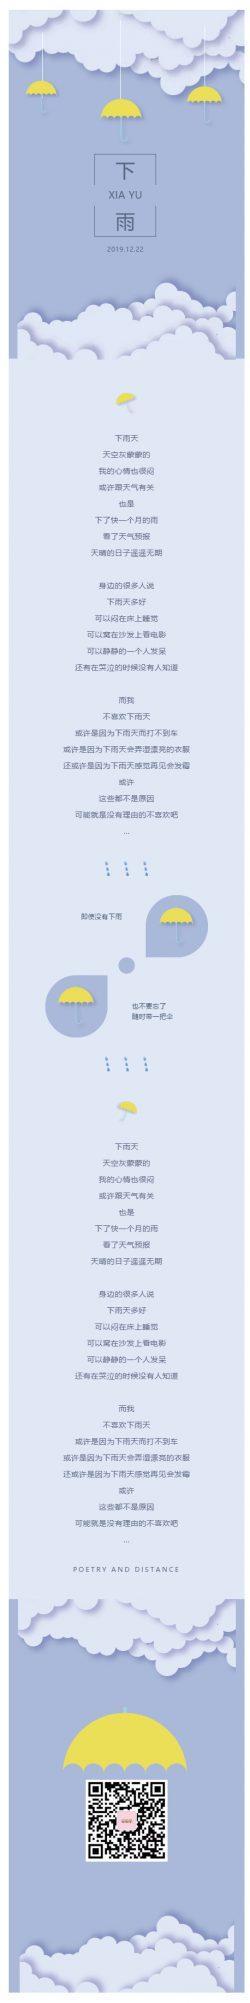 卡通白云可爱风格诗歌散文微信公众号推文模板推送素材背景